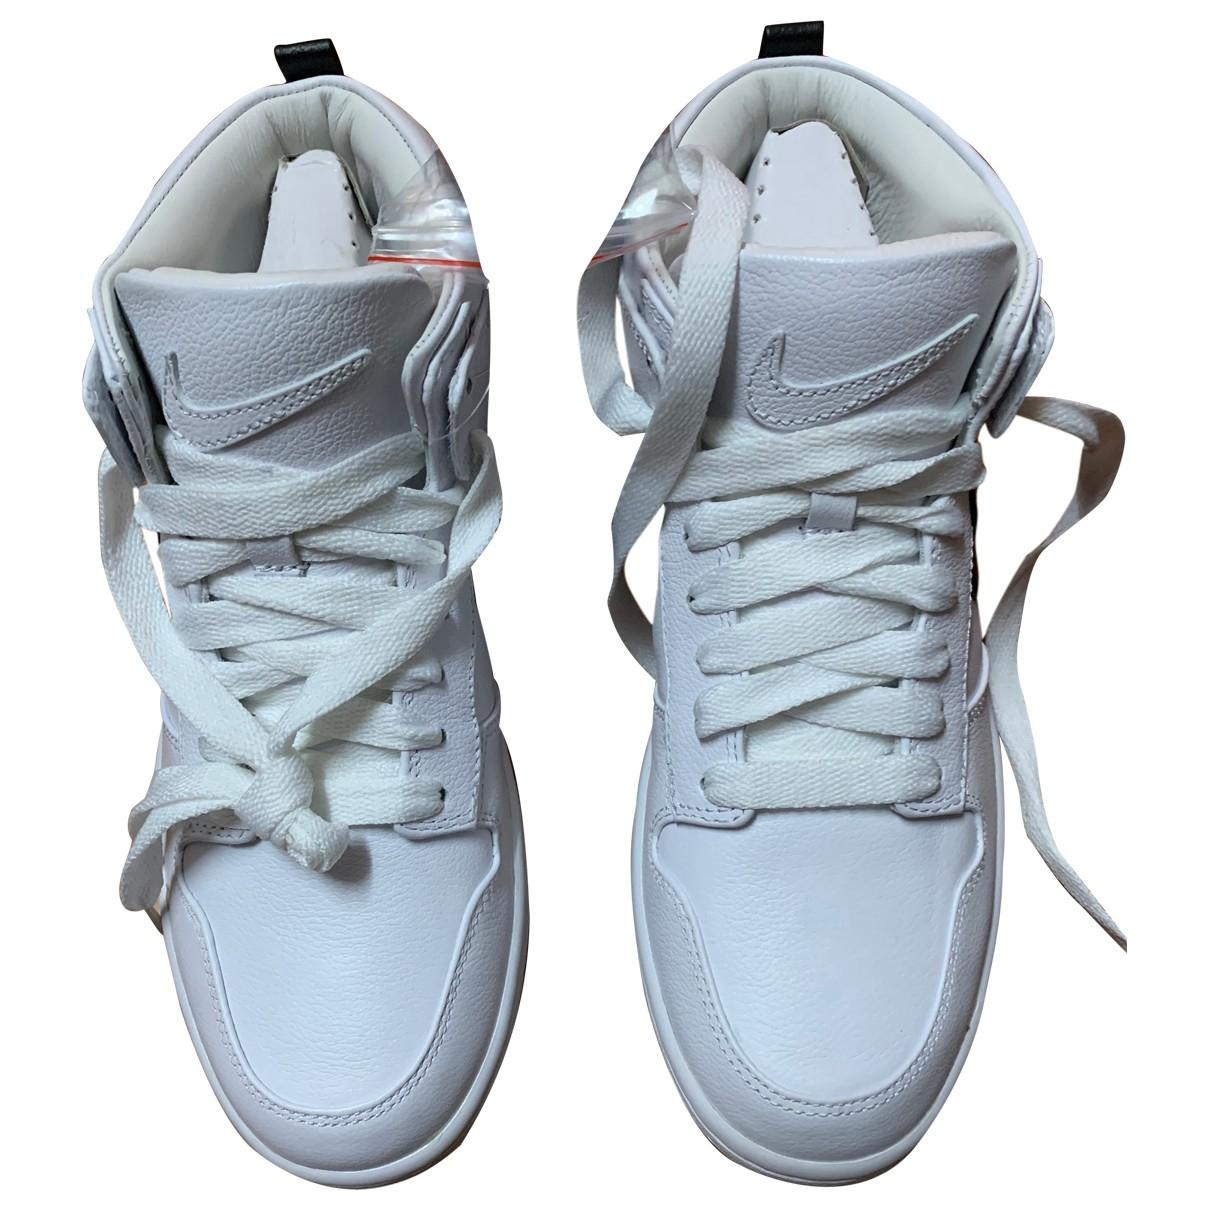 Nike By Riccardo Tisci \N Sneakers in  Weiss Leder